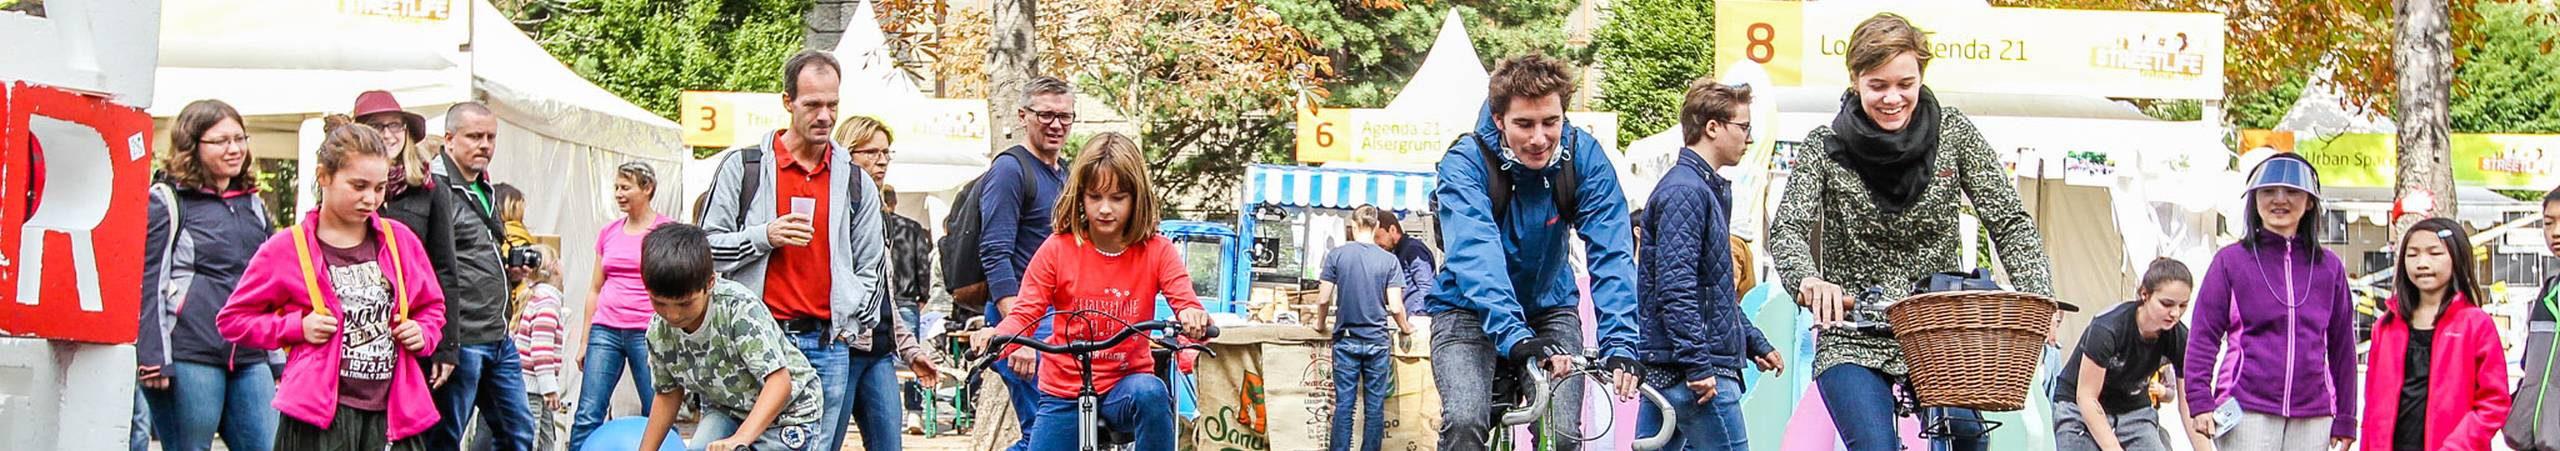 Teilnehmende des Slow Bike Contests beim Streetlife Festival. Sie versuchen mit dem Fahrrad so langsam wie möglich zu fahren ohne das Gleichgewicht zu verlieren